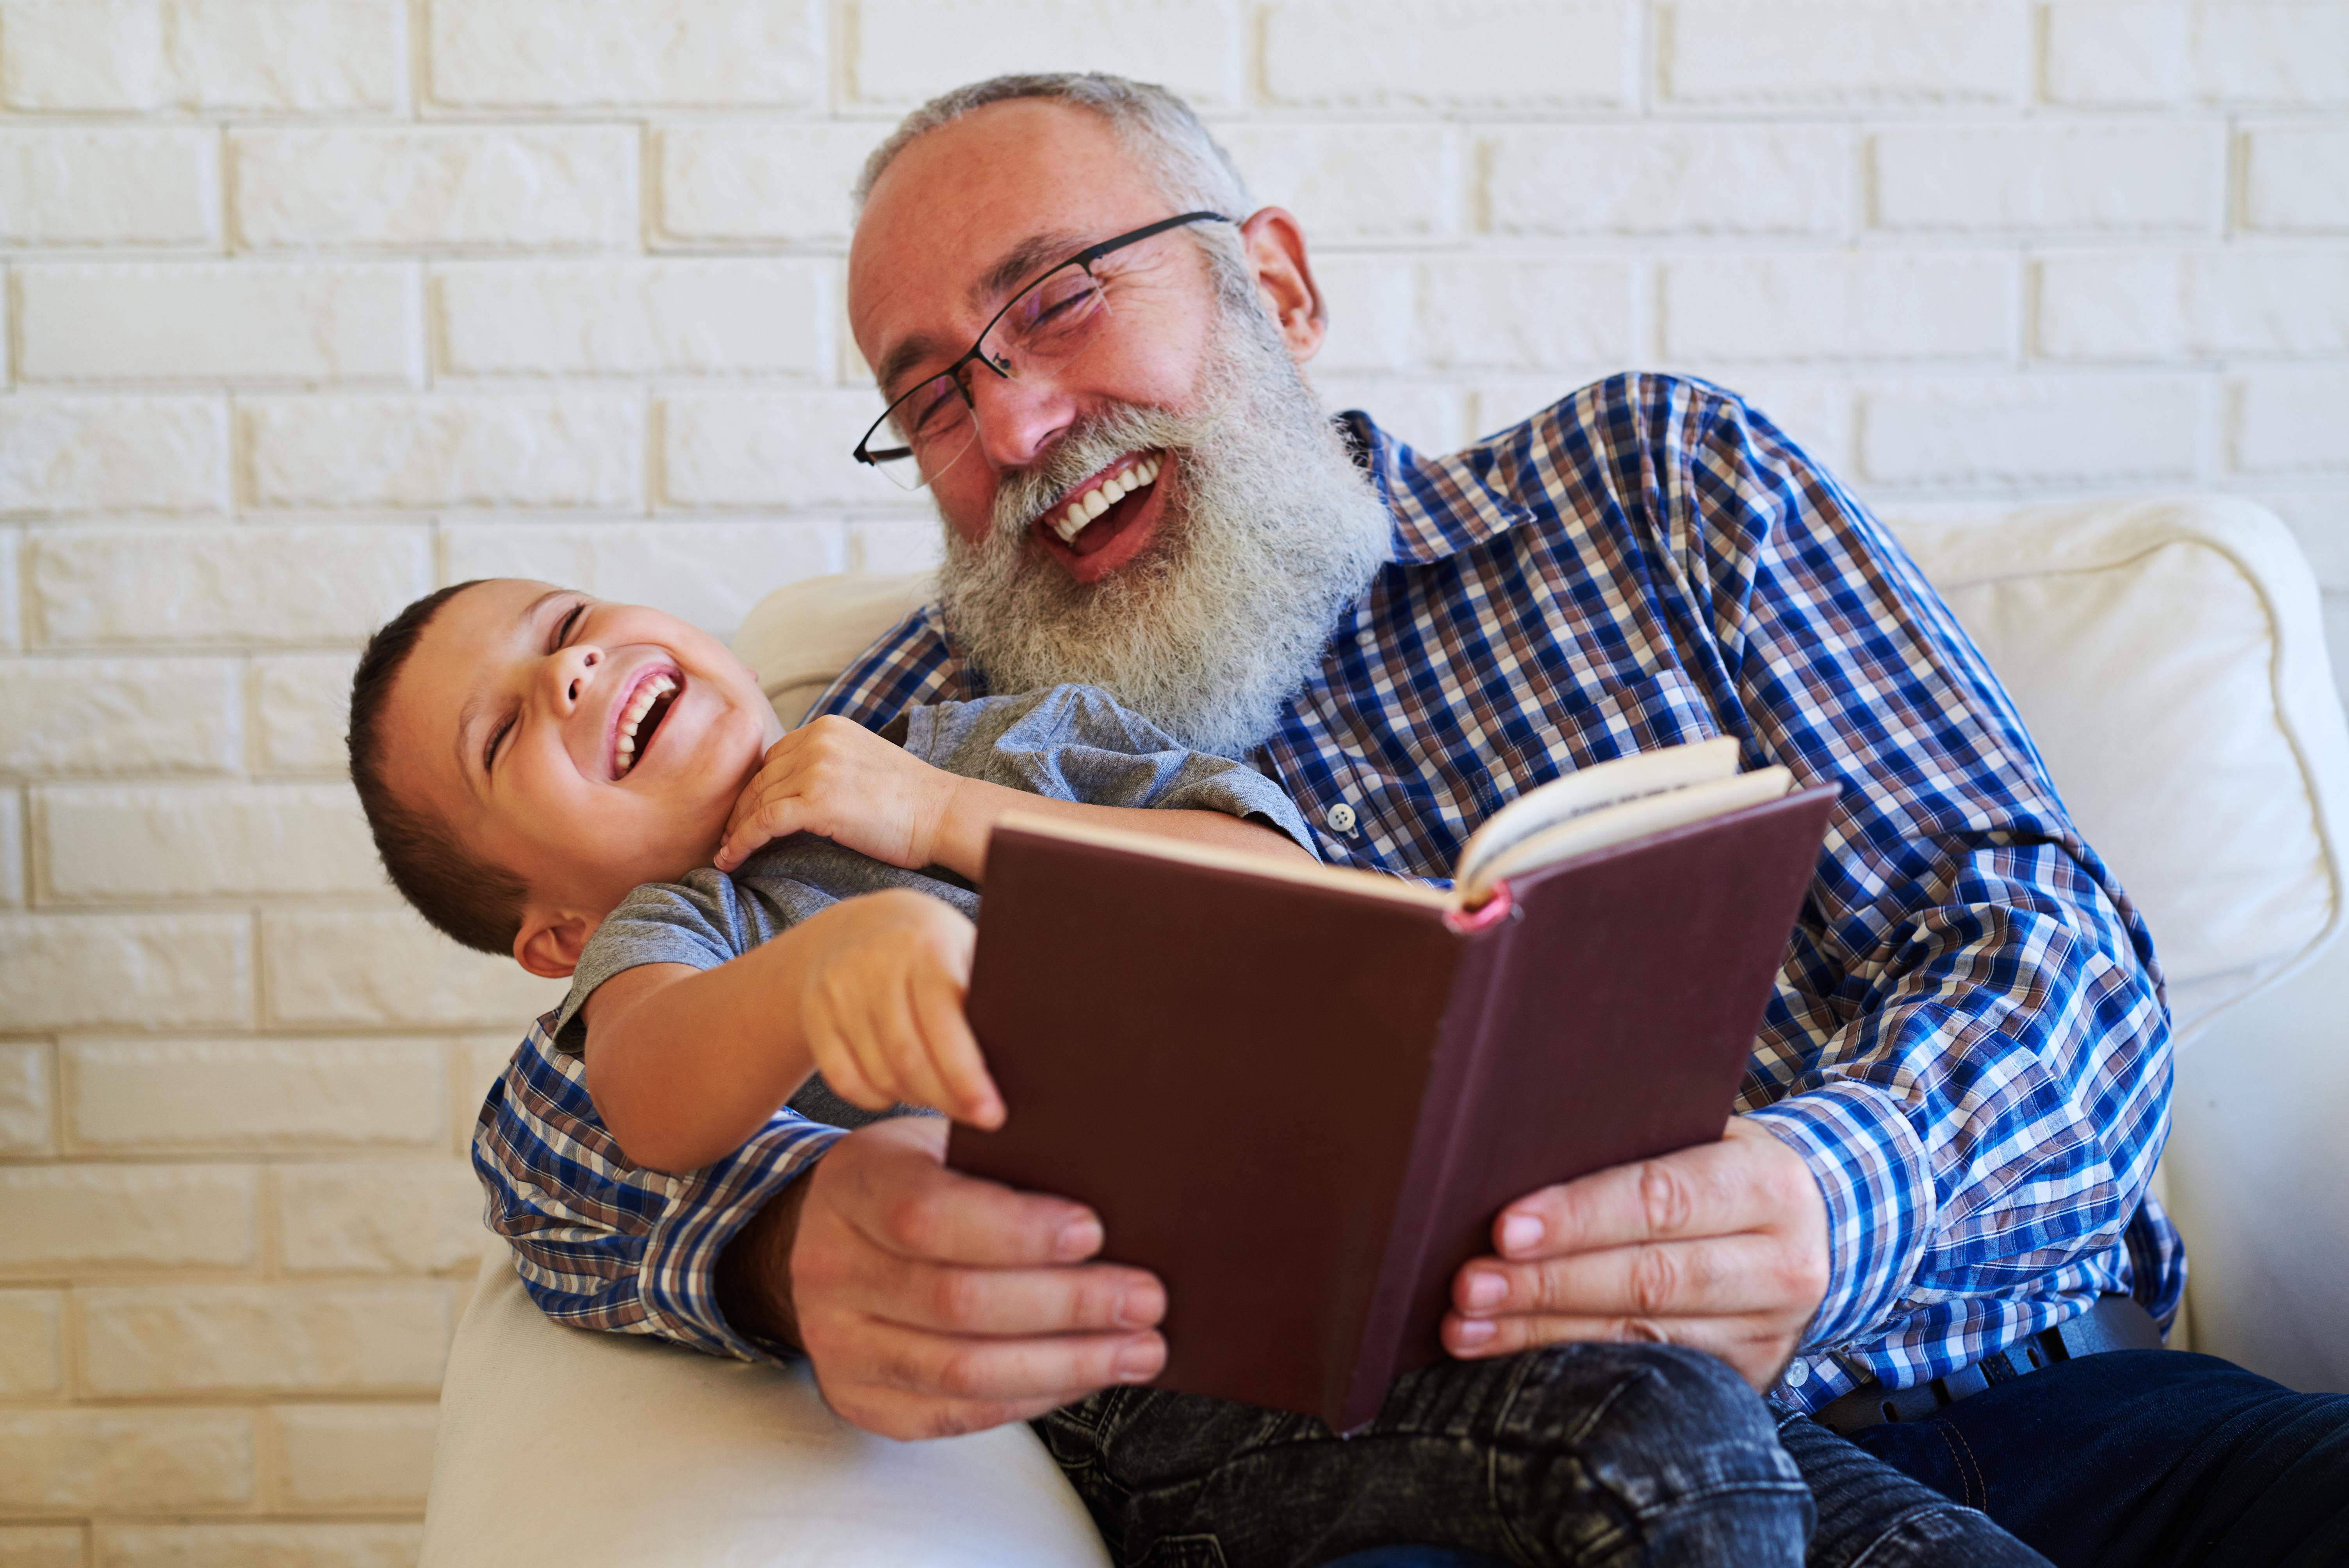 När avståndet till mor- och farföräldrar är kort kan man som småbarnsförälder få praktisk hjälp i vardagen.